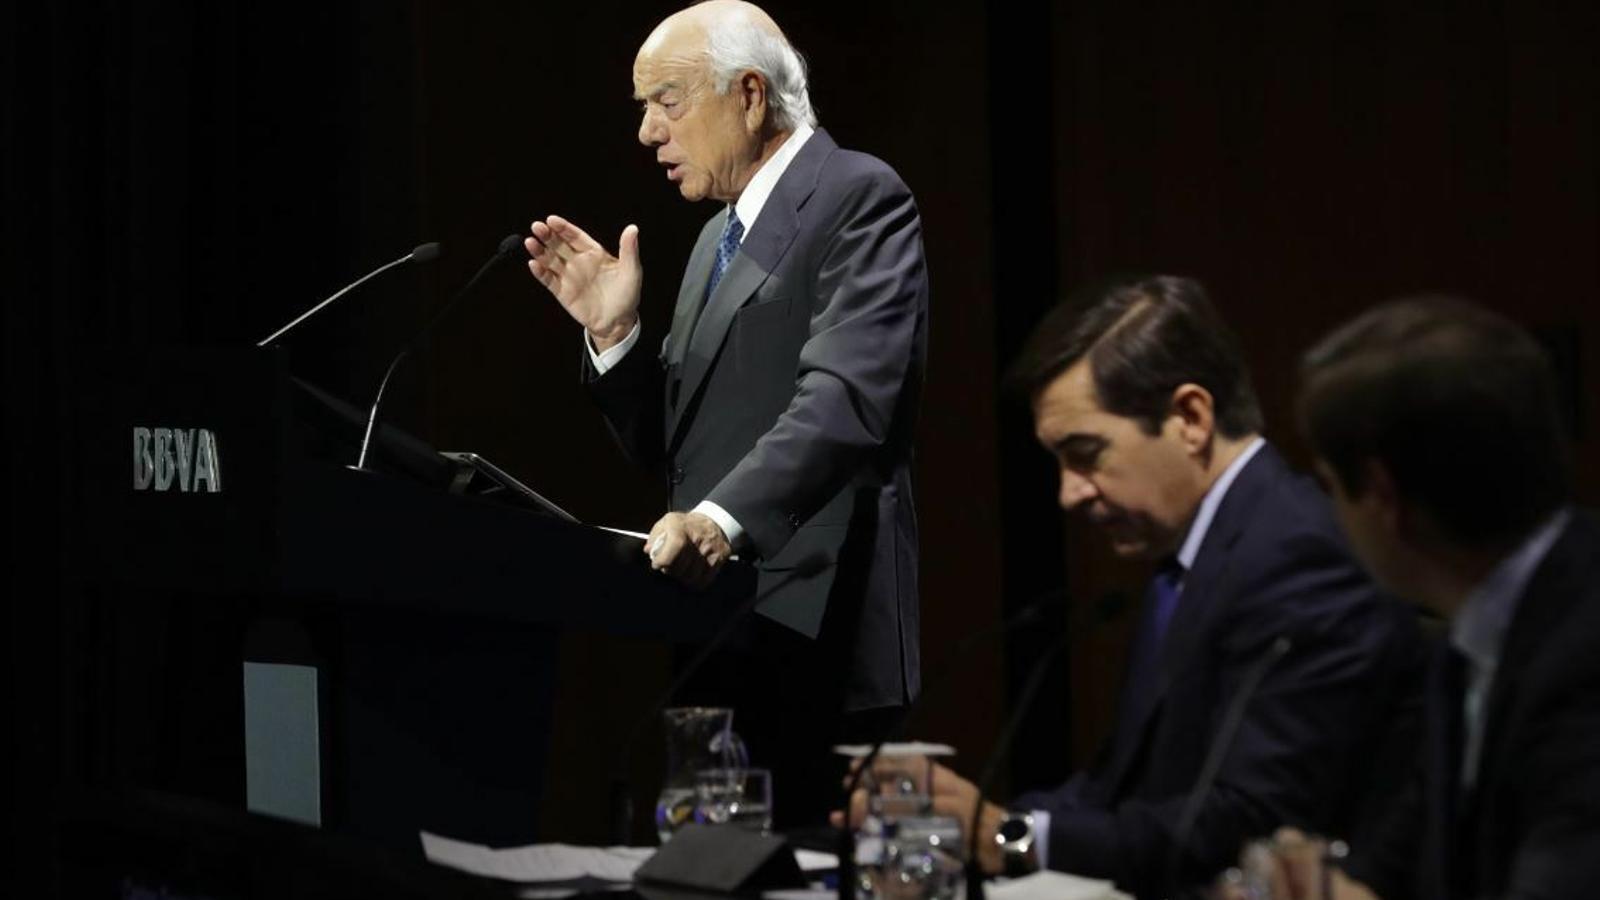 Francisco González, en companyia de l'actual president del banc, Carlos Torres.